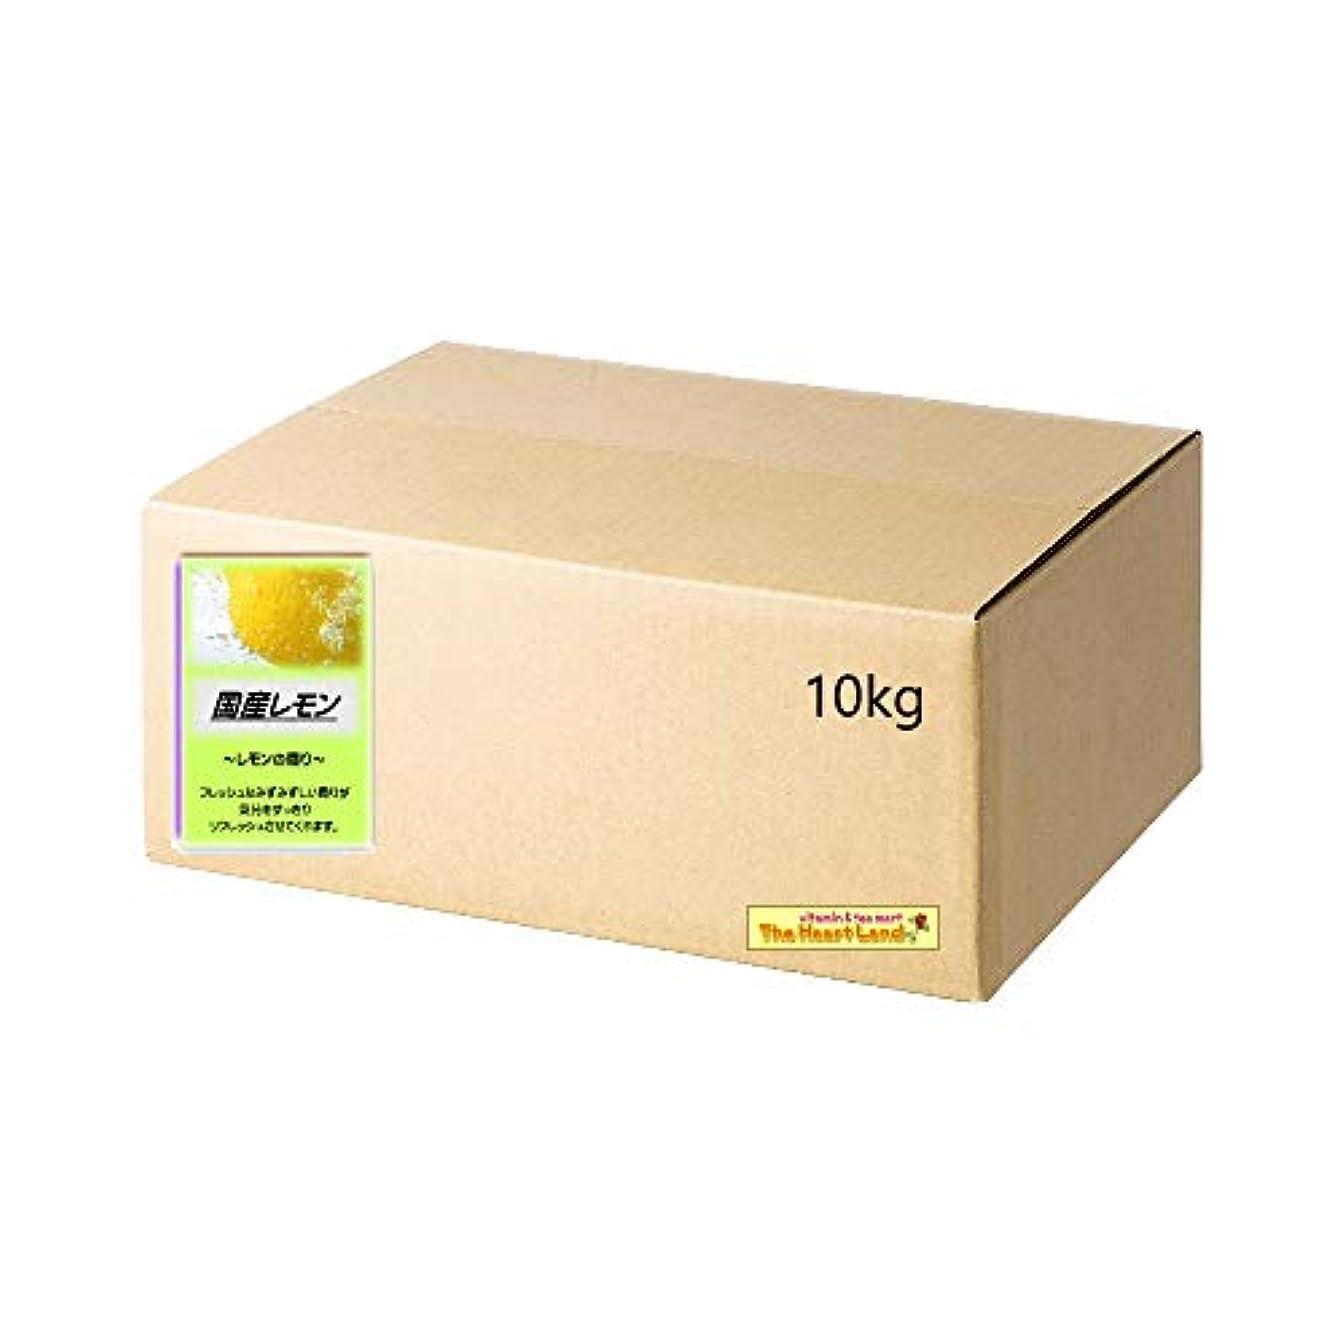 シャー制限する調べるアサヒ入浴剤 浴用入浴化粧品 国産レモン 10kg